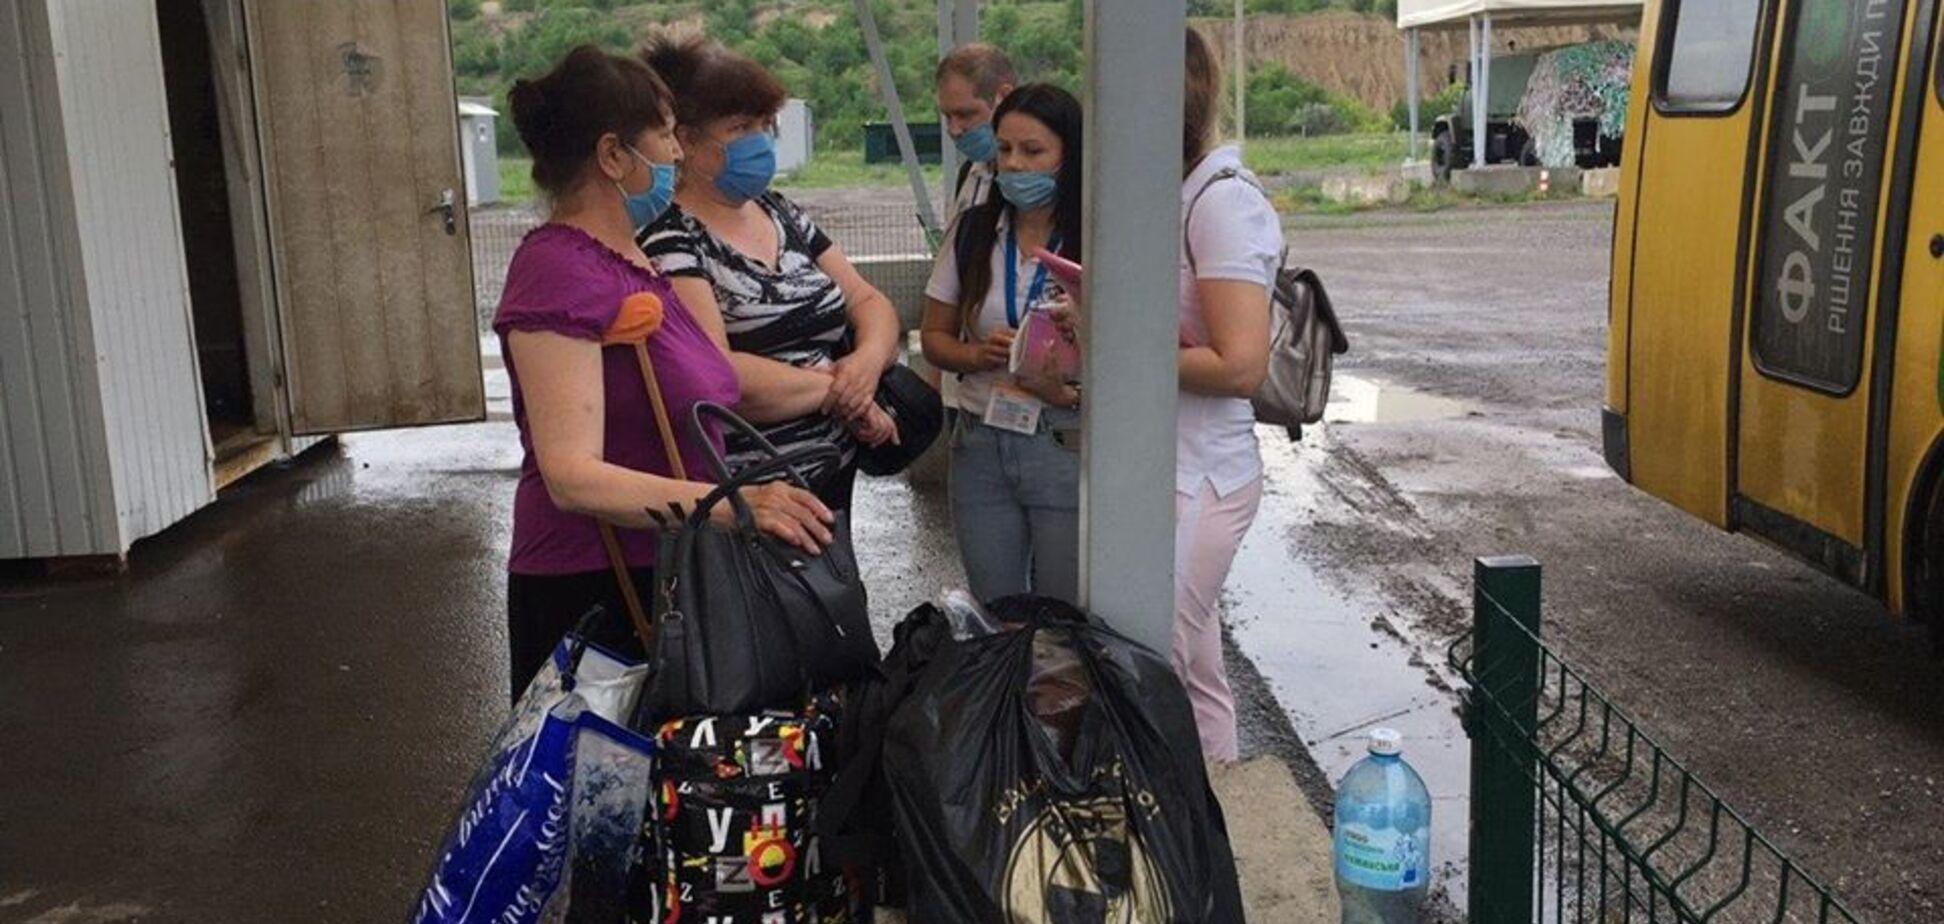 Террористы не пропустили через КПВВ пенсионеров с костылями (источник: Facebook Дмитрия Дурнева)